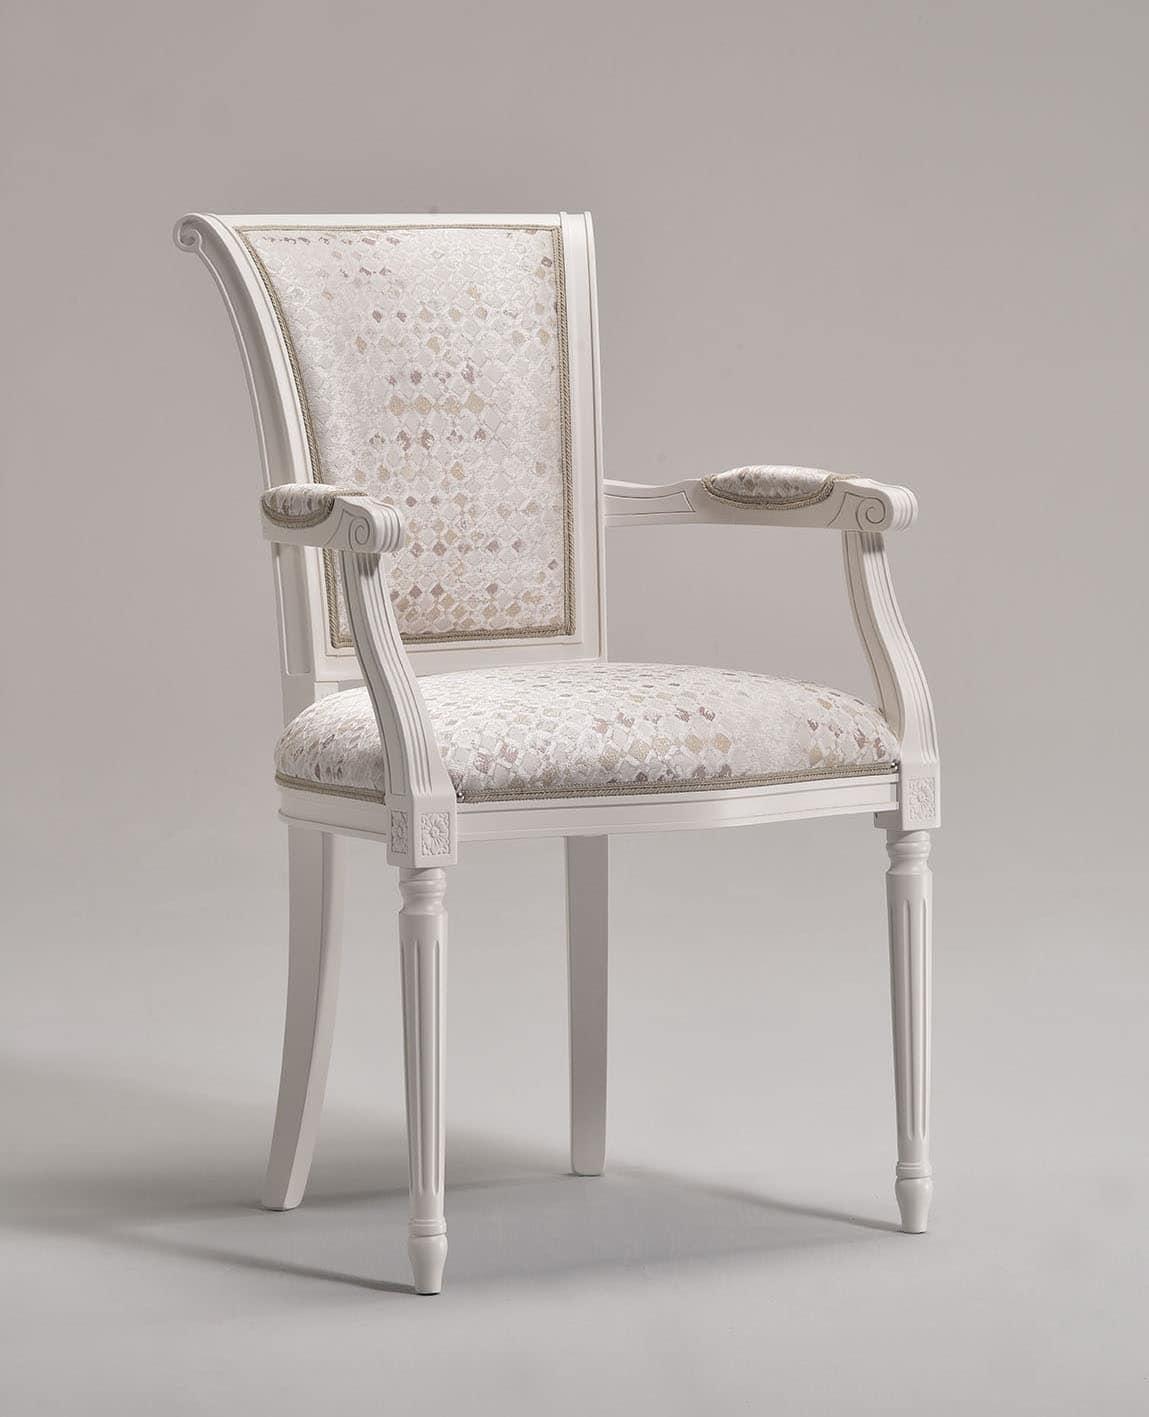 KELLY armchair 8021A, Klassischen Stil Sessel mit gepolsterten Armlehnen